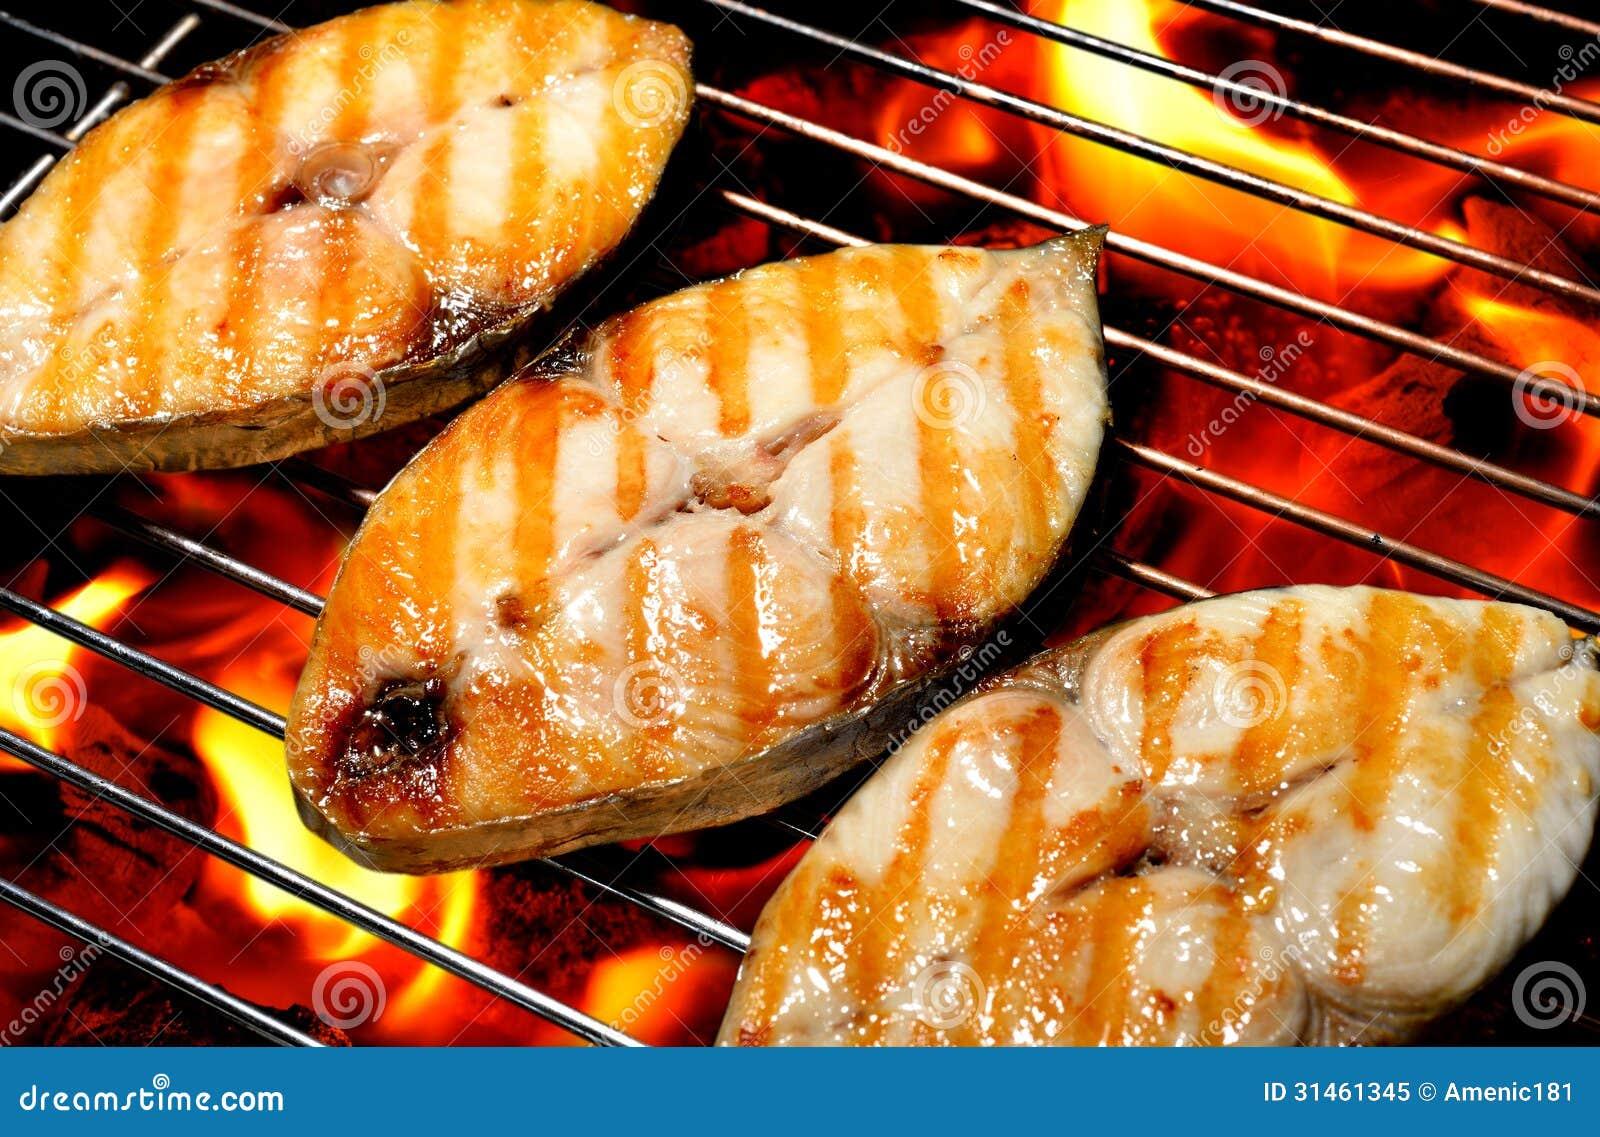 Pescados asados a la parrilla imagen de archivo imagen - Parrillas para pescado ...